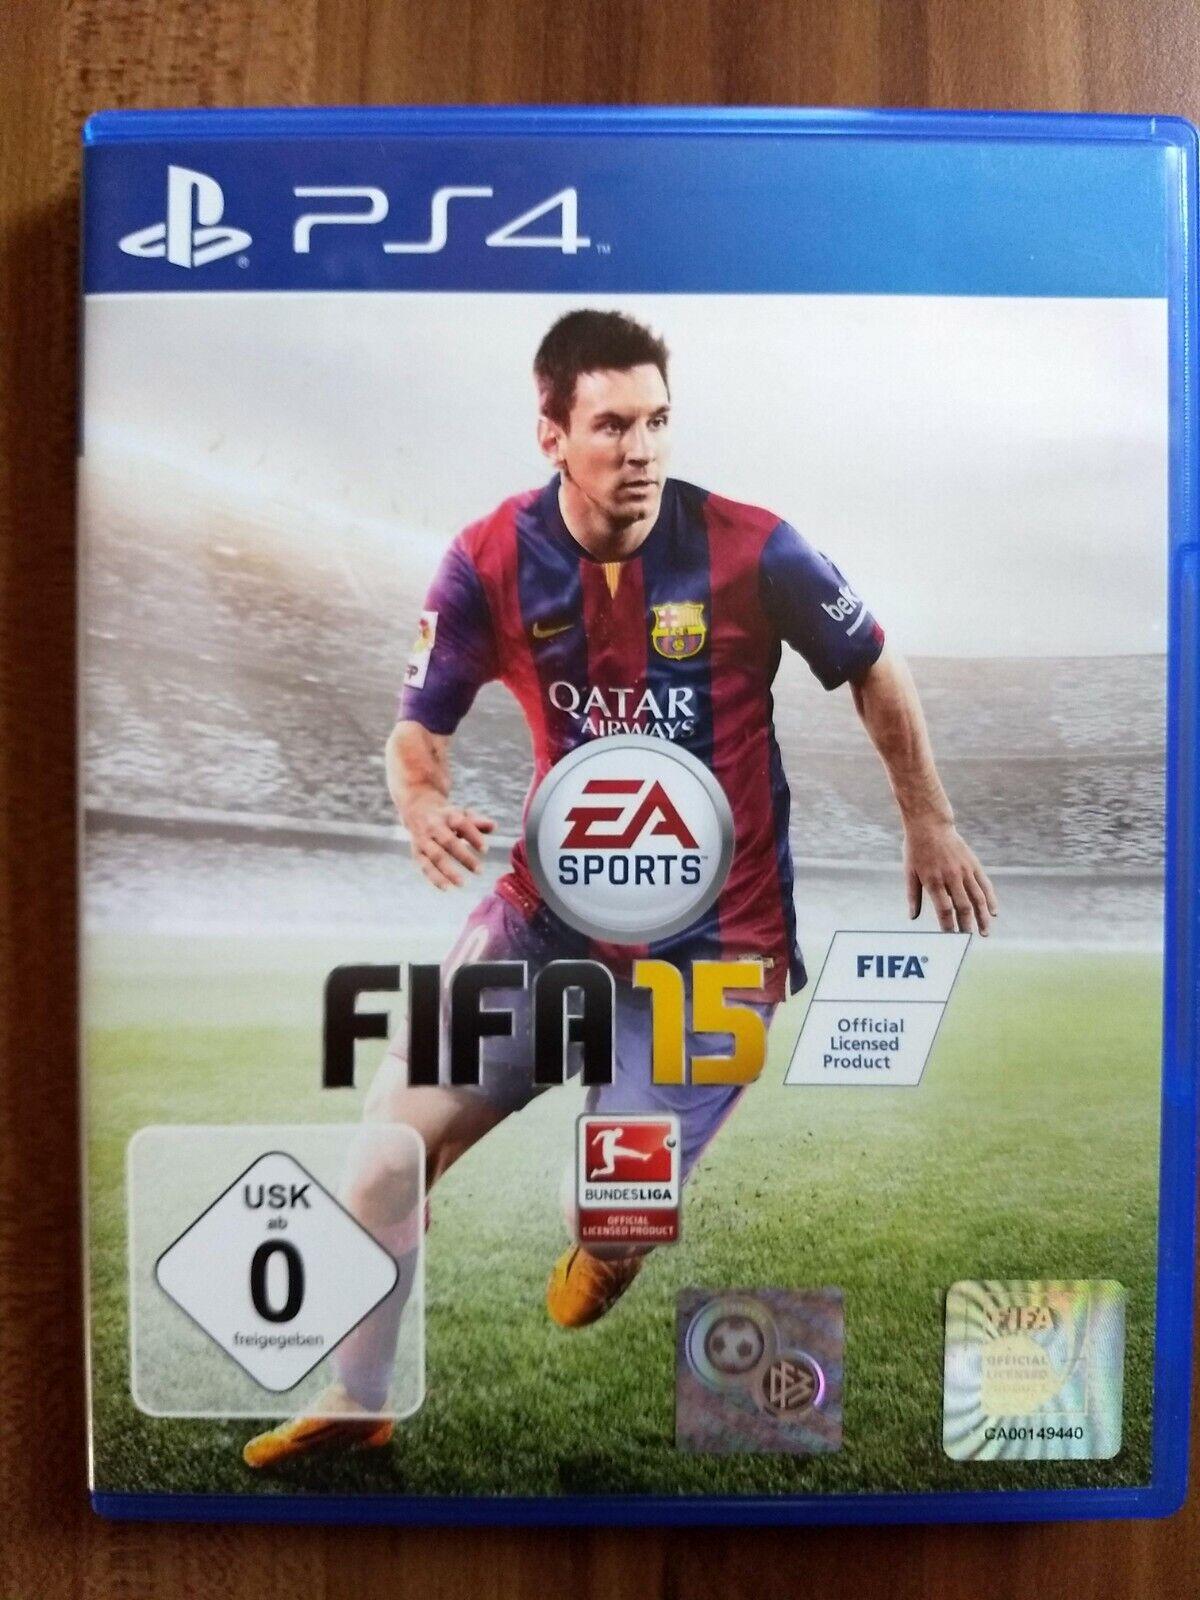 FIFA 15 [PS4] Fussball Videospiel